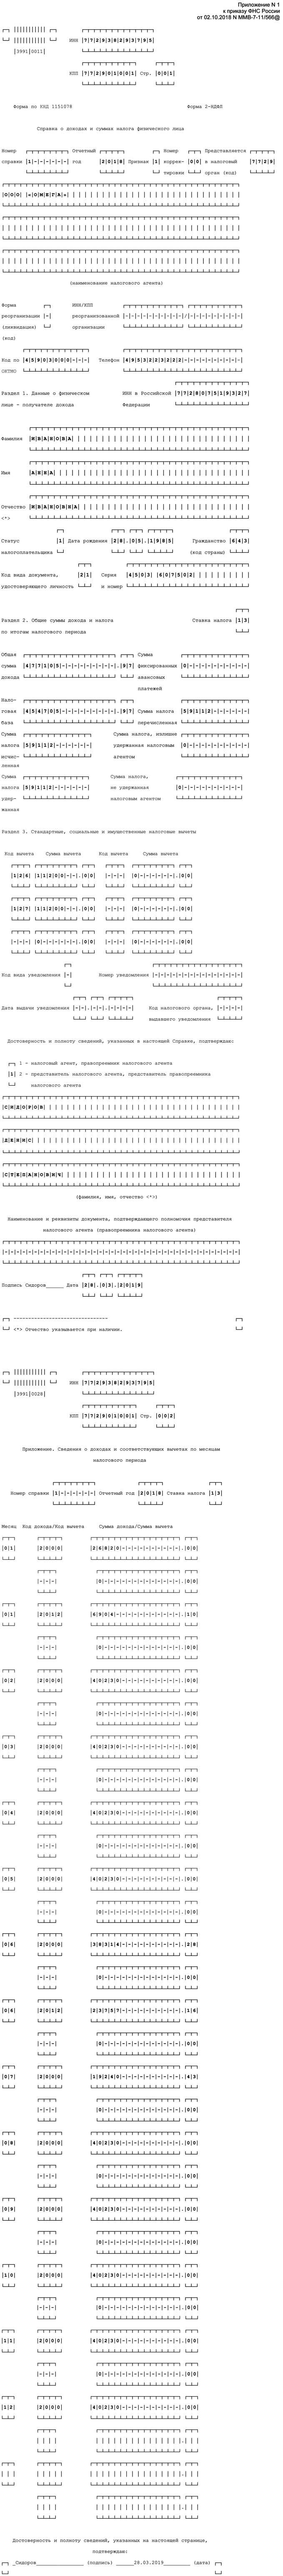 Пример 2-НДФЛ для ИФНС-1